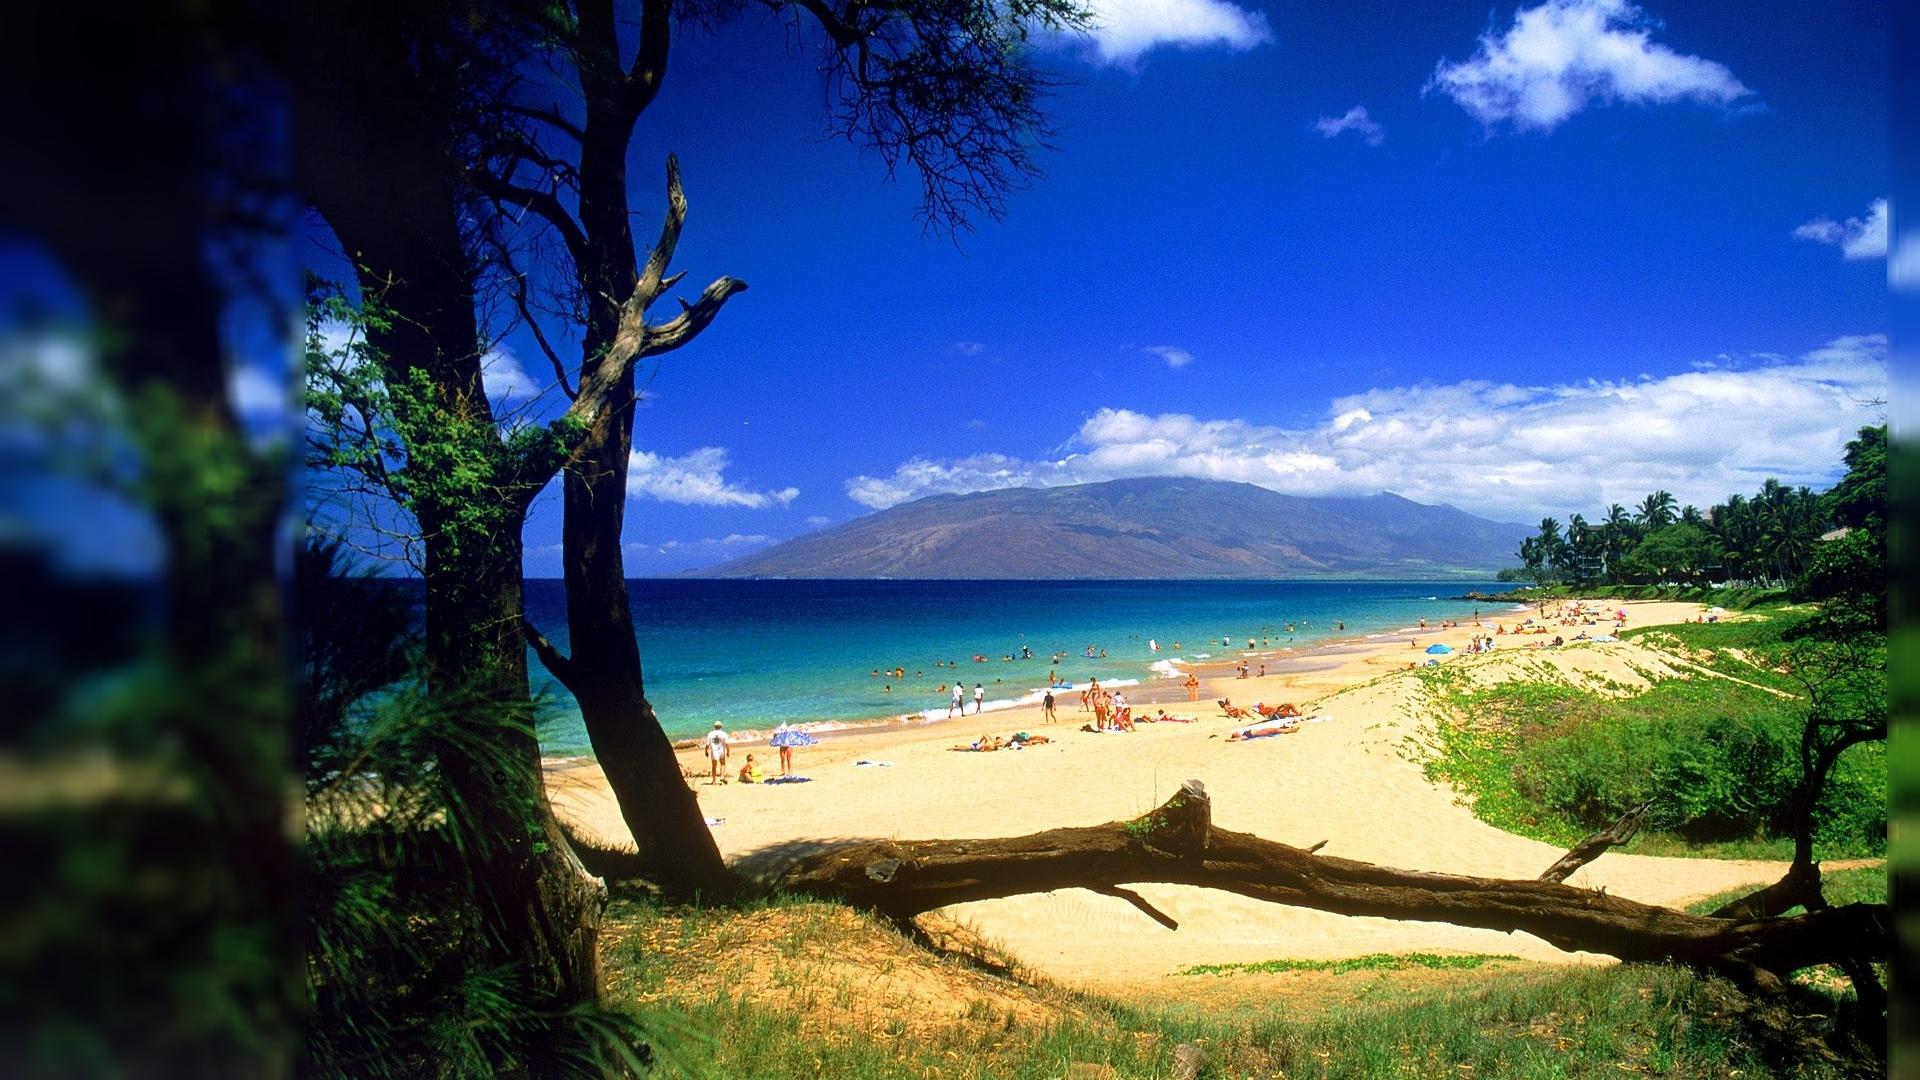 High Resolution Beautiful Beach Wallpaper